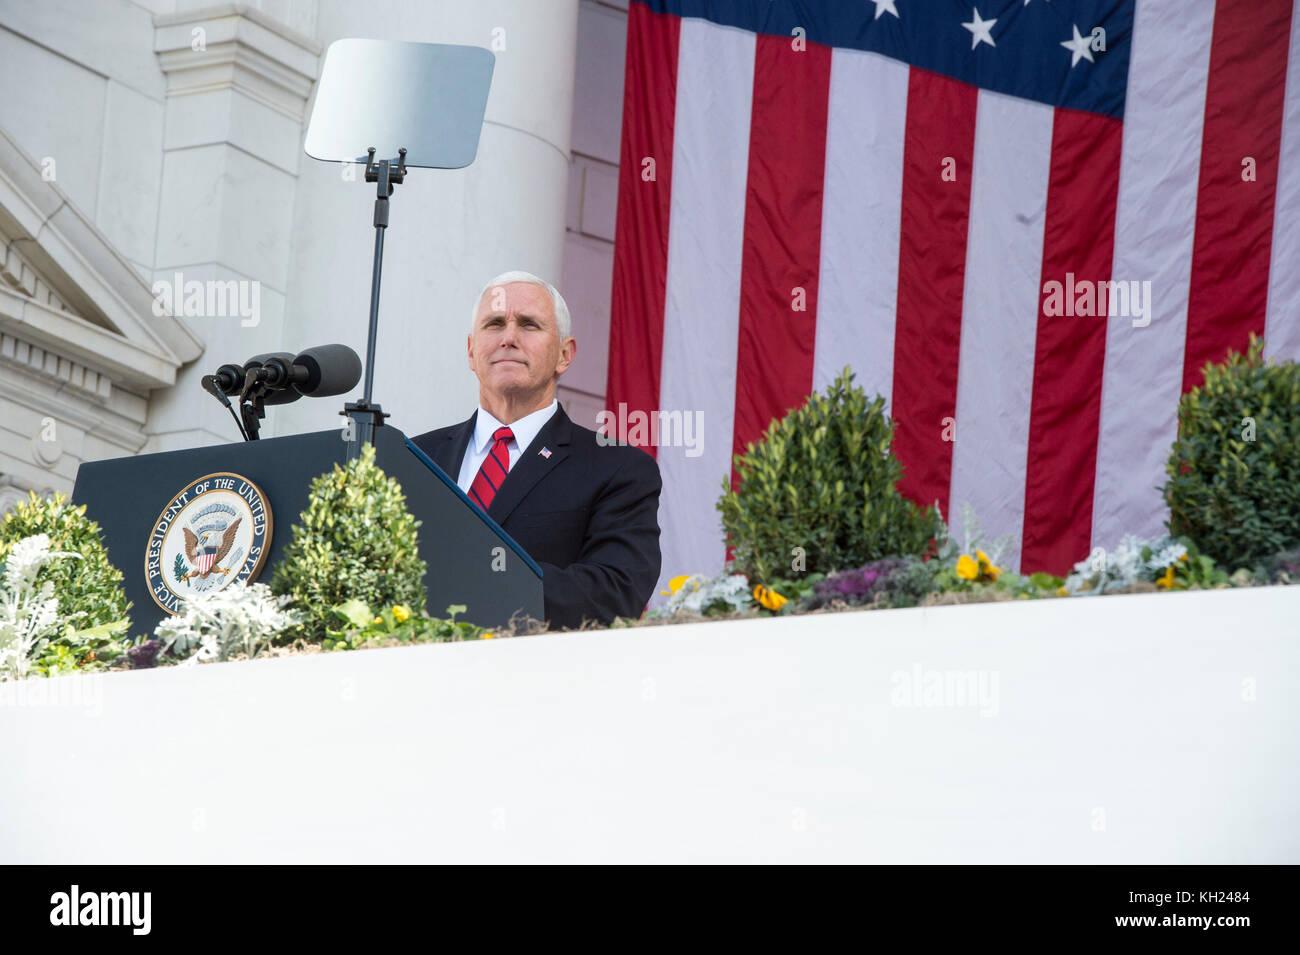 Vicepresident i afghanistan mordad